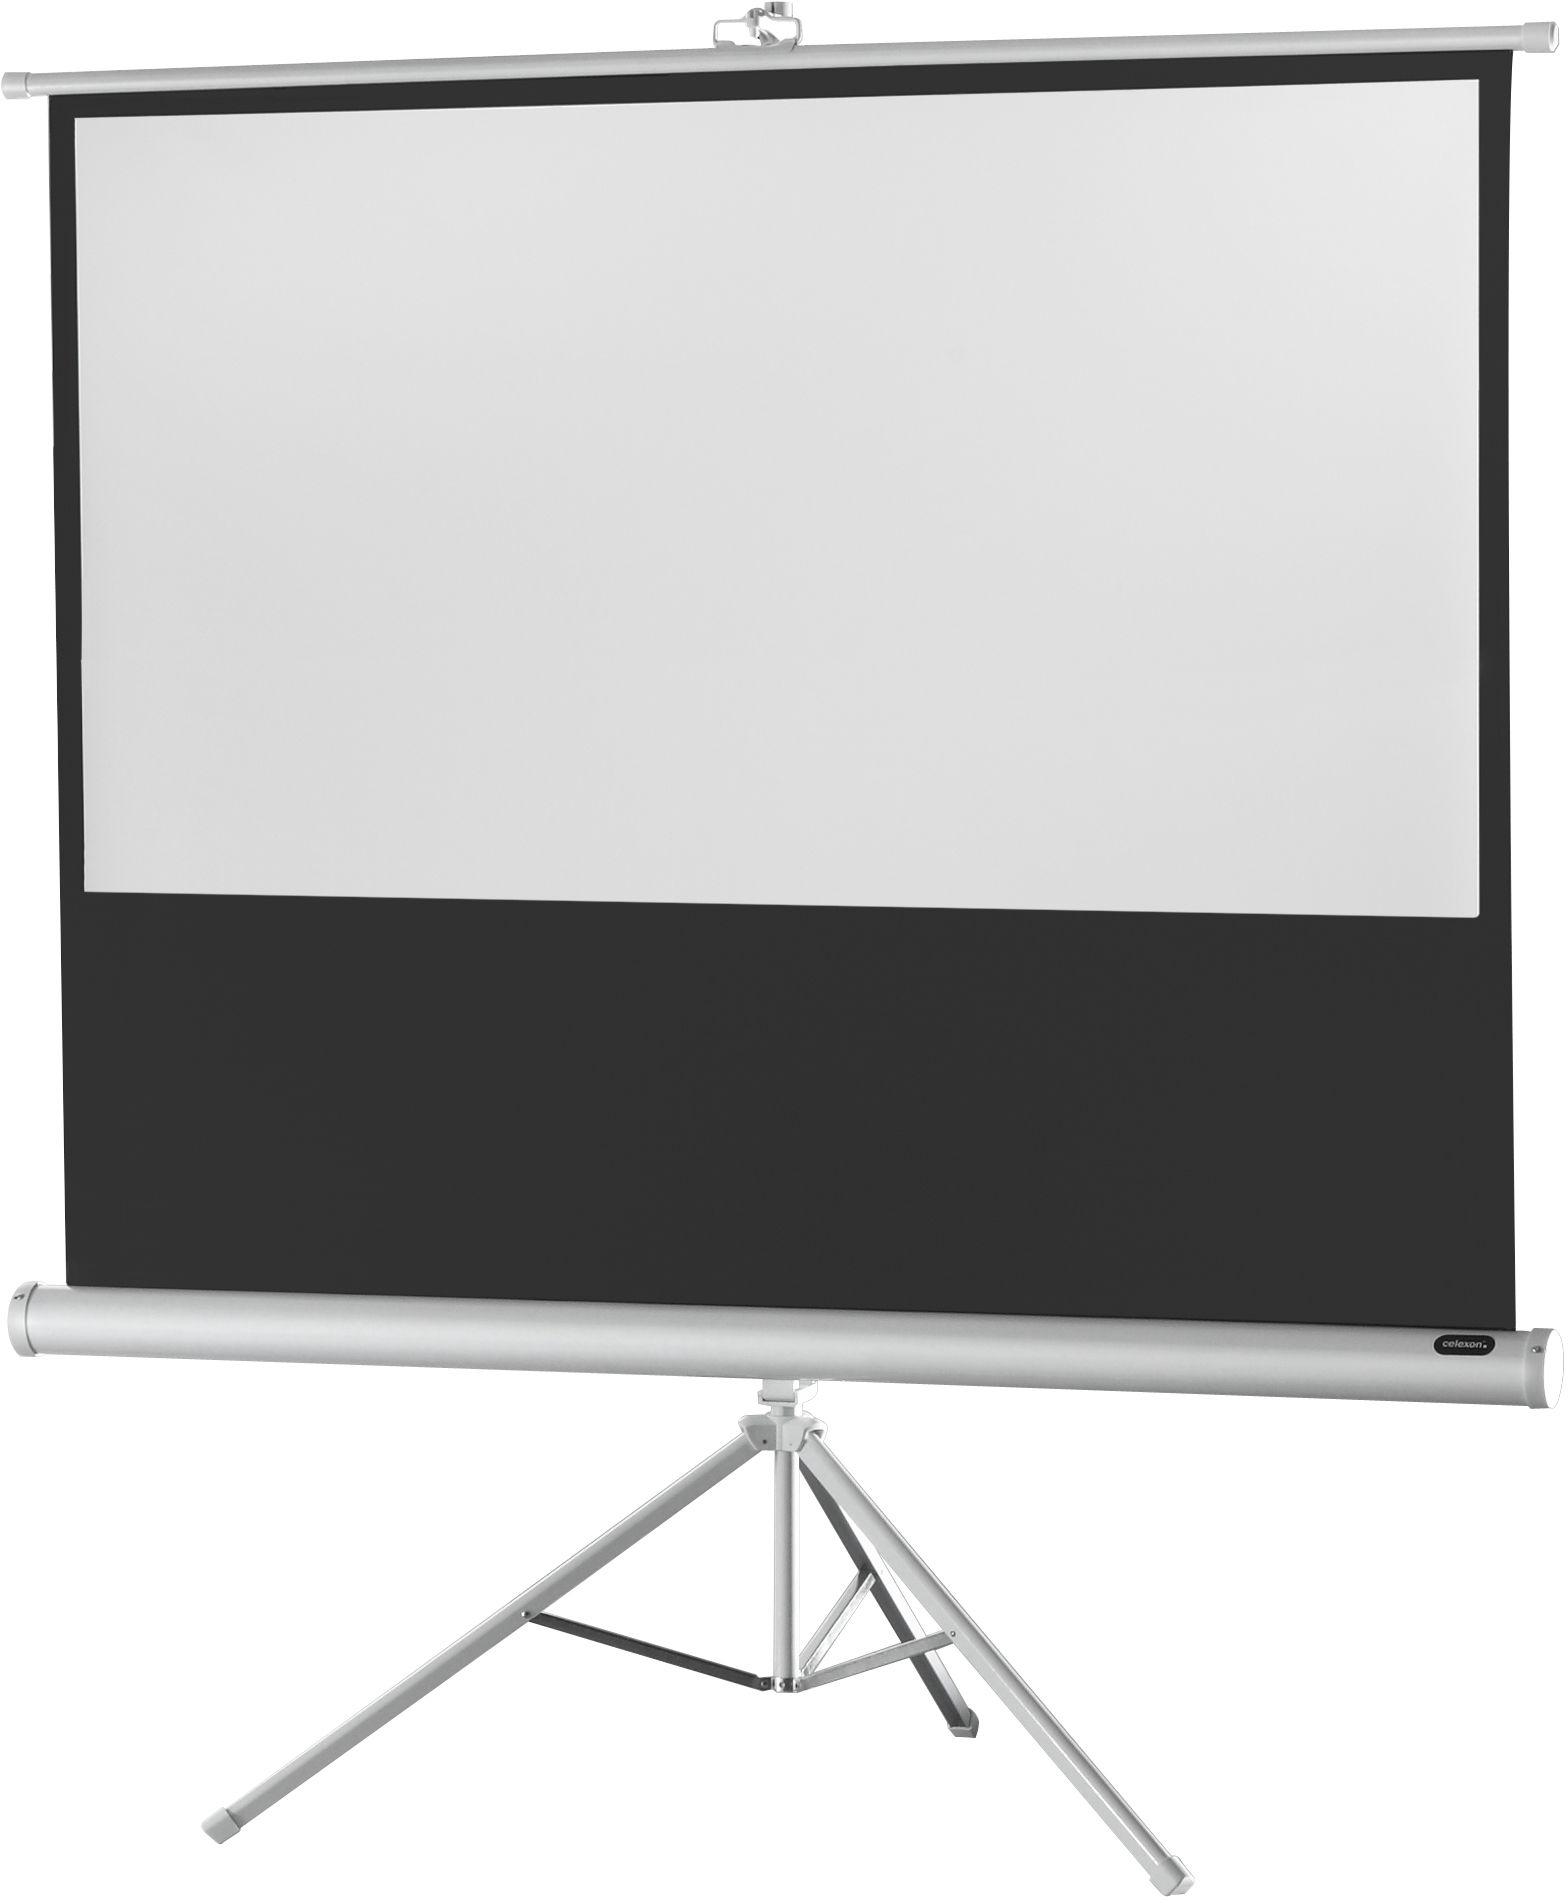 celexon Economy 158 x 89 cm ekran projekcyjny na trójnogu - Biala edycja